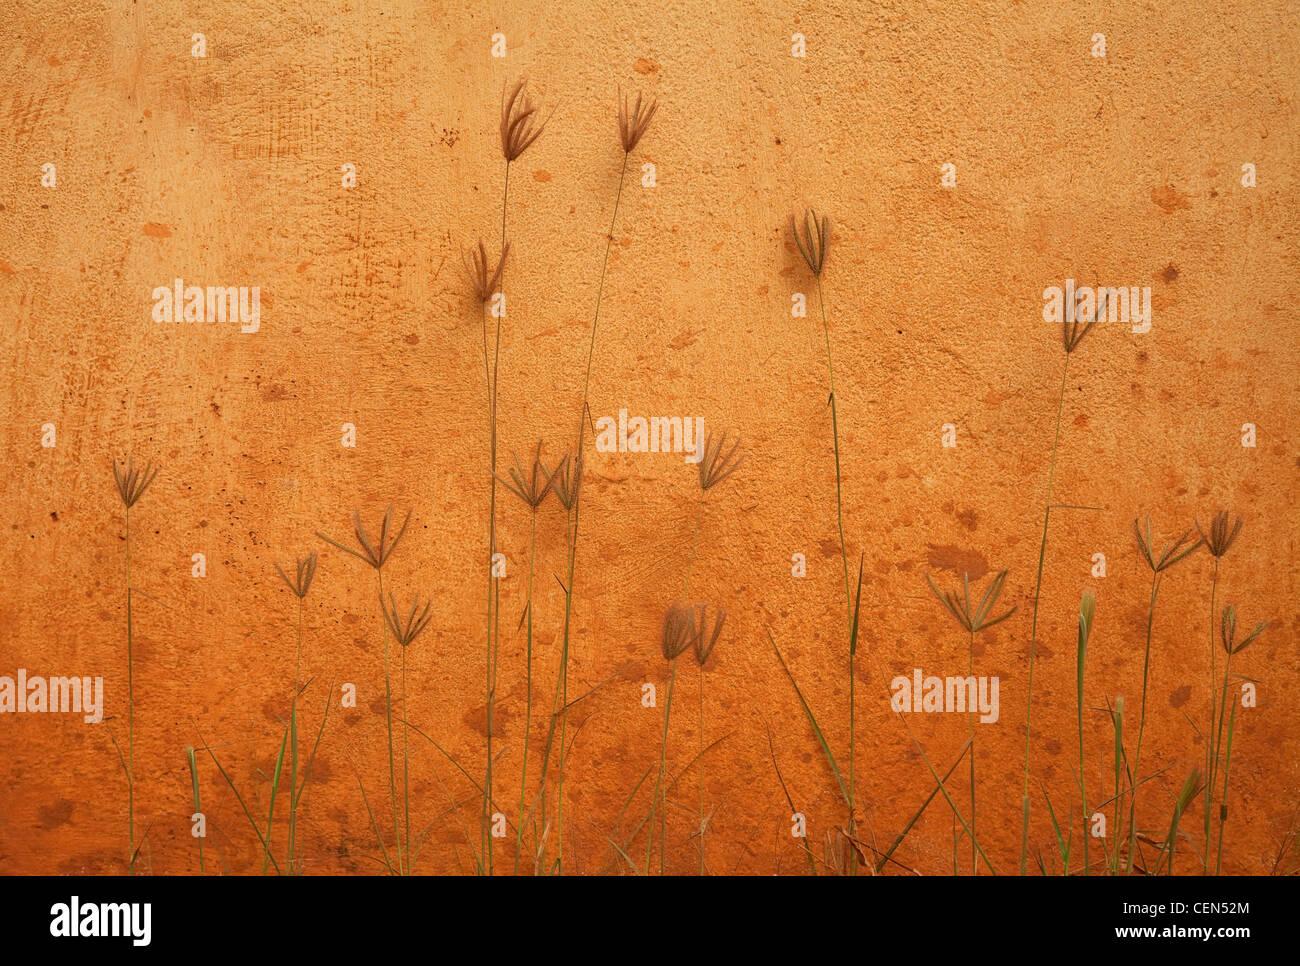 Wand und Pflanzen Stockbild